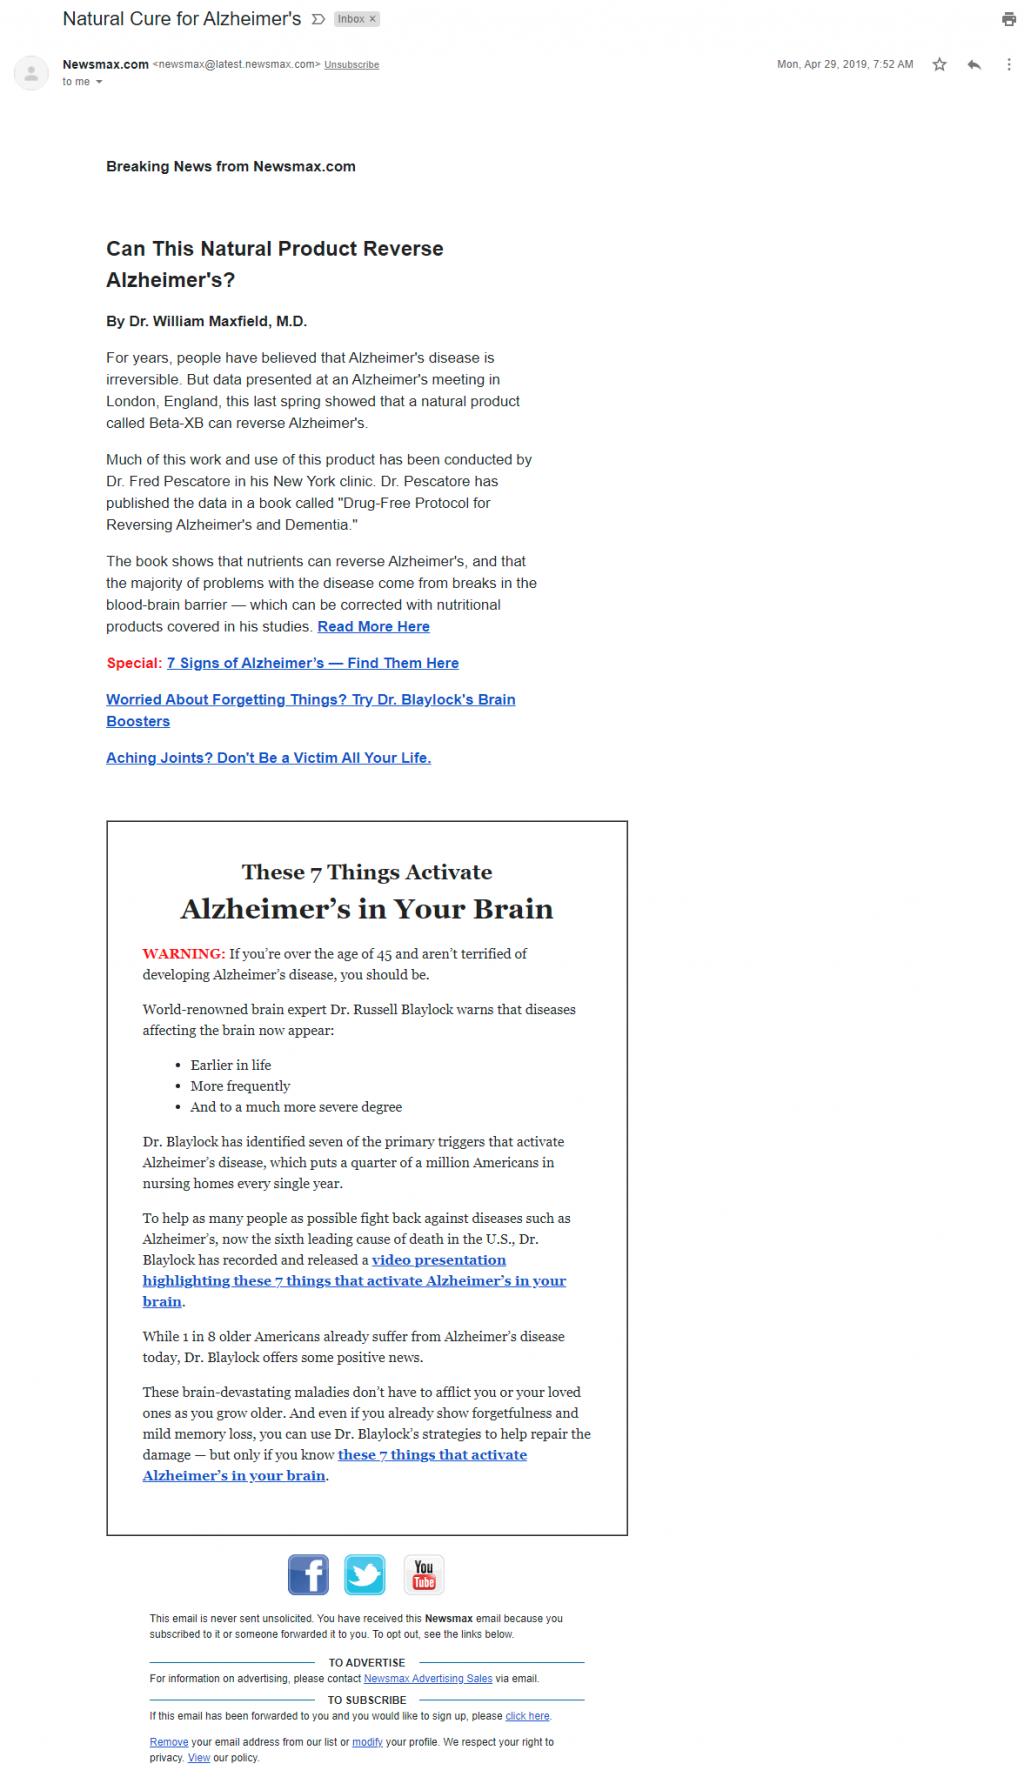 Newsmax's April 2019 Alzheimer's email false claim